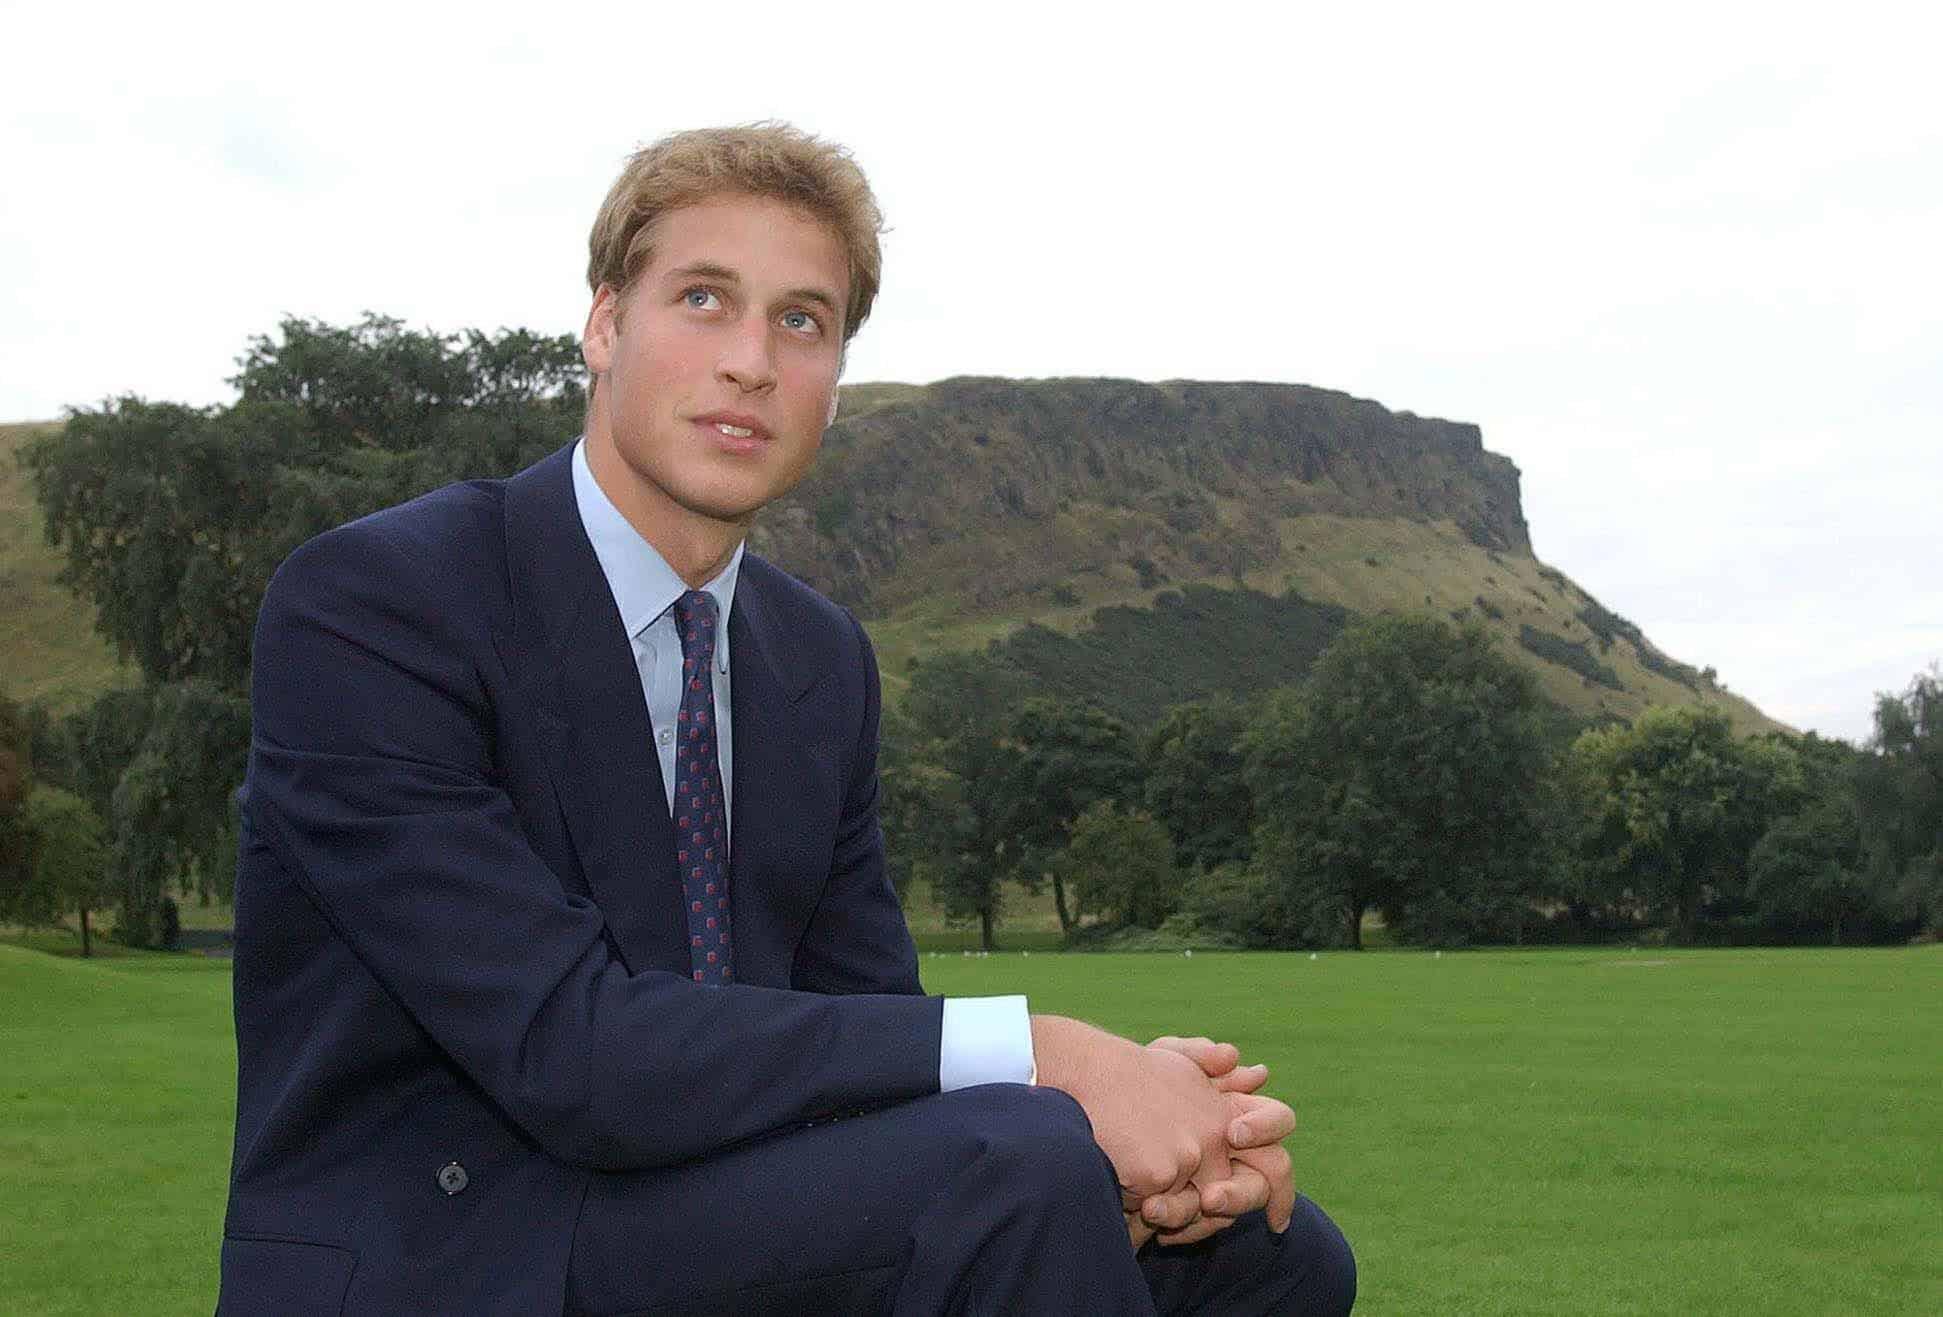 Prinz William mit vollen Haaren